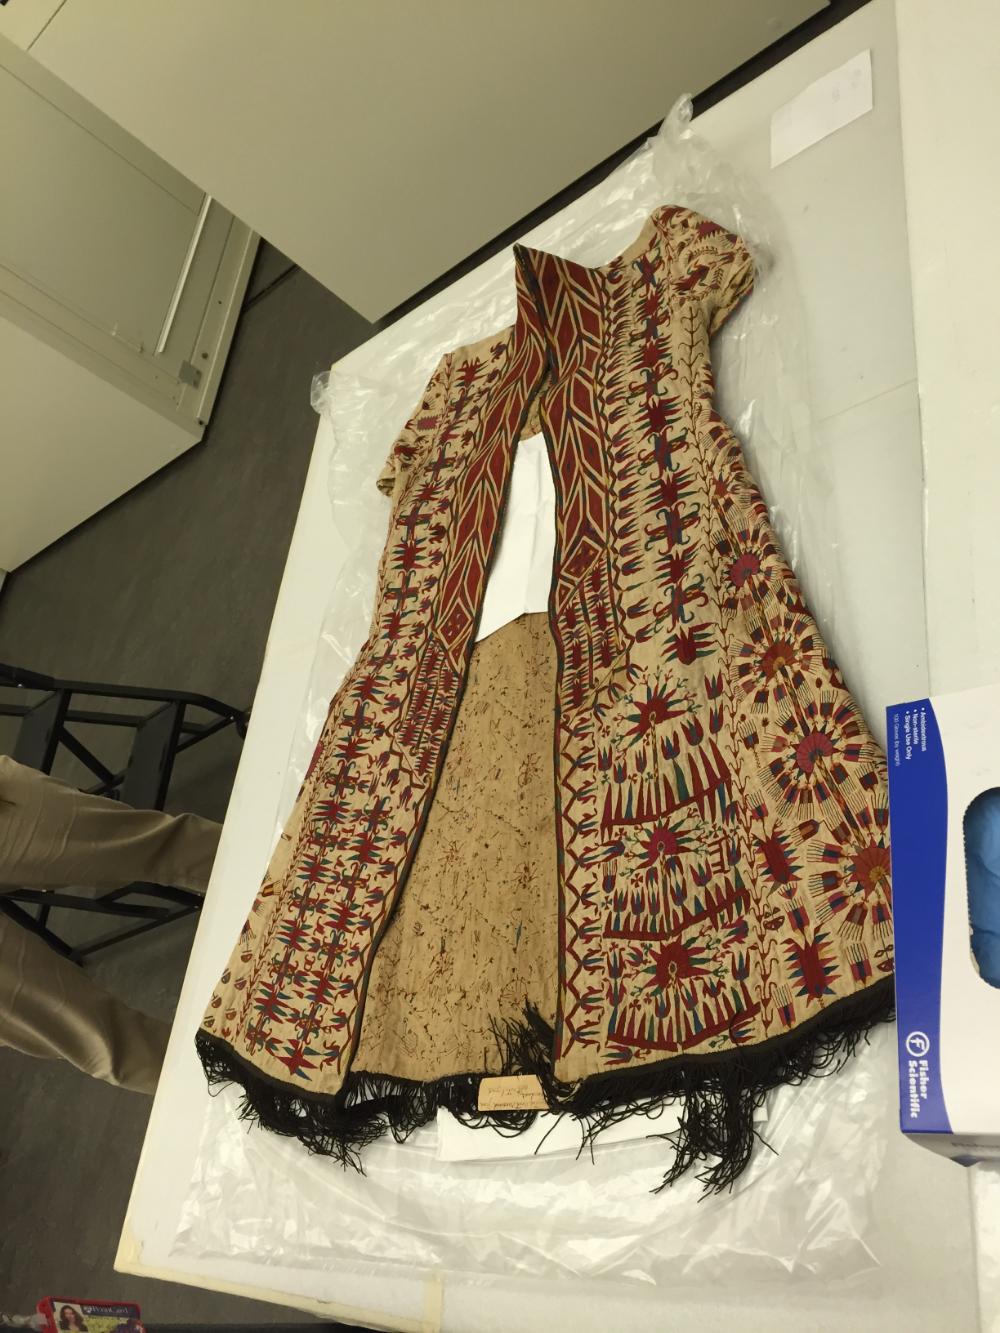 Ak Cherpy Robe, 99-24-1, Penn Museum